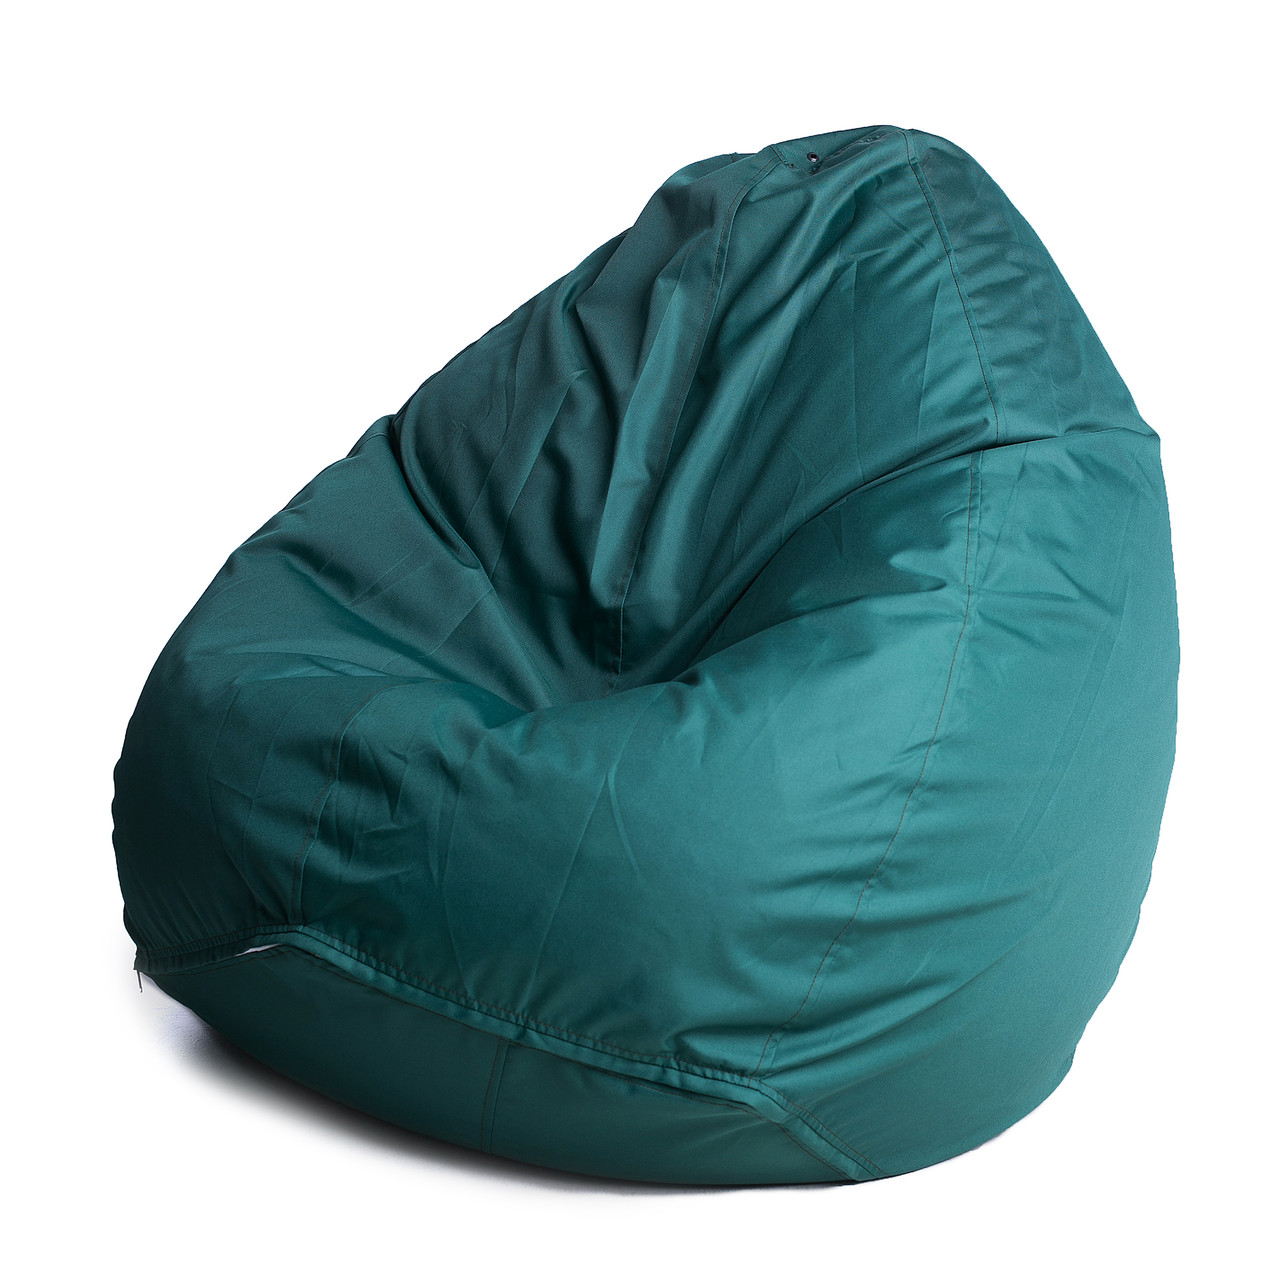 Кресло мешок груша | ткань Oxford XXL, Зеленый